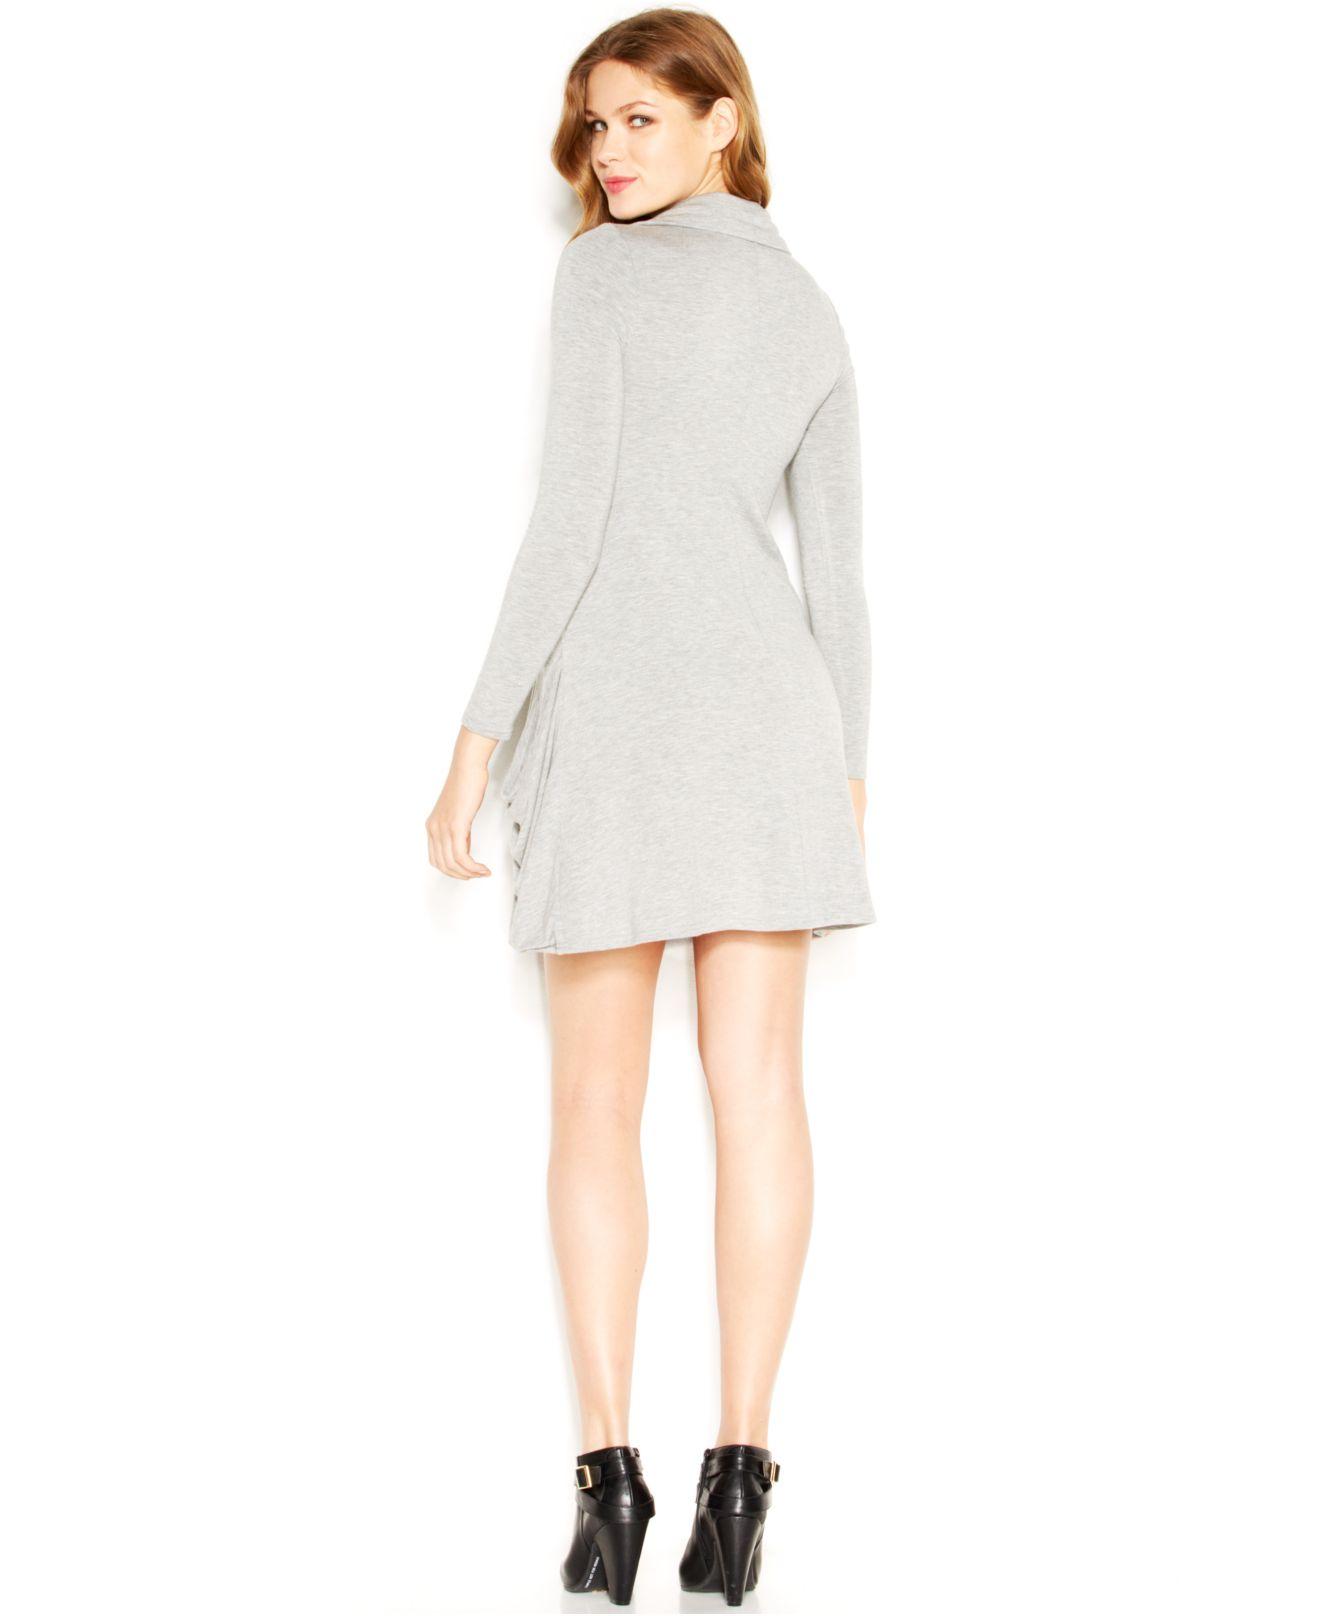 Kensie Sequin Dress | But Dress